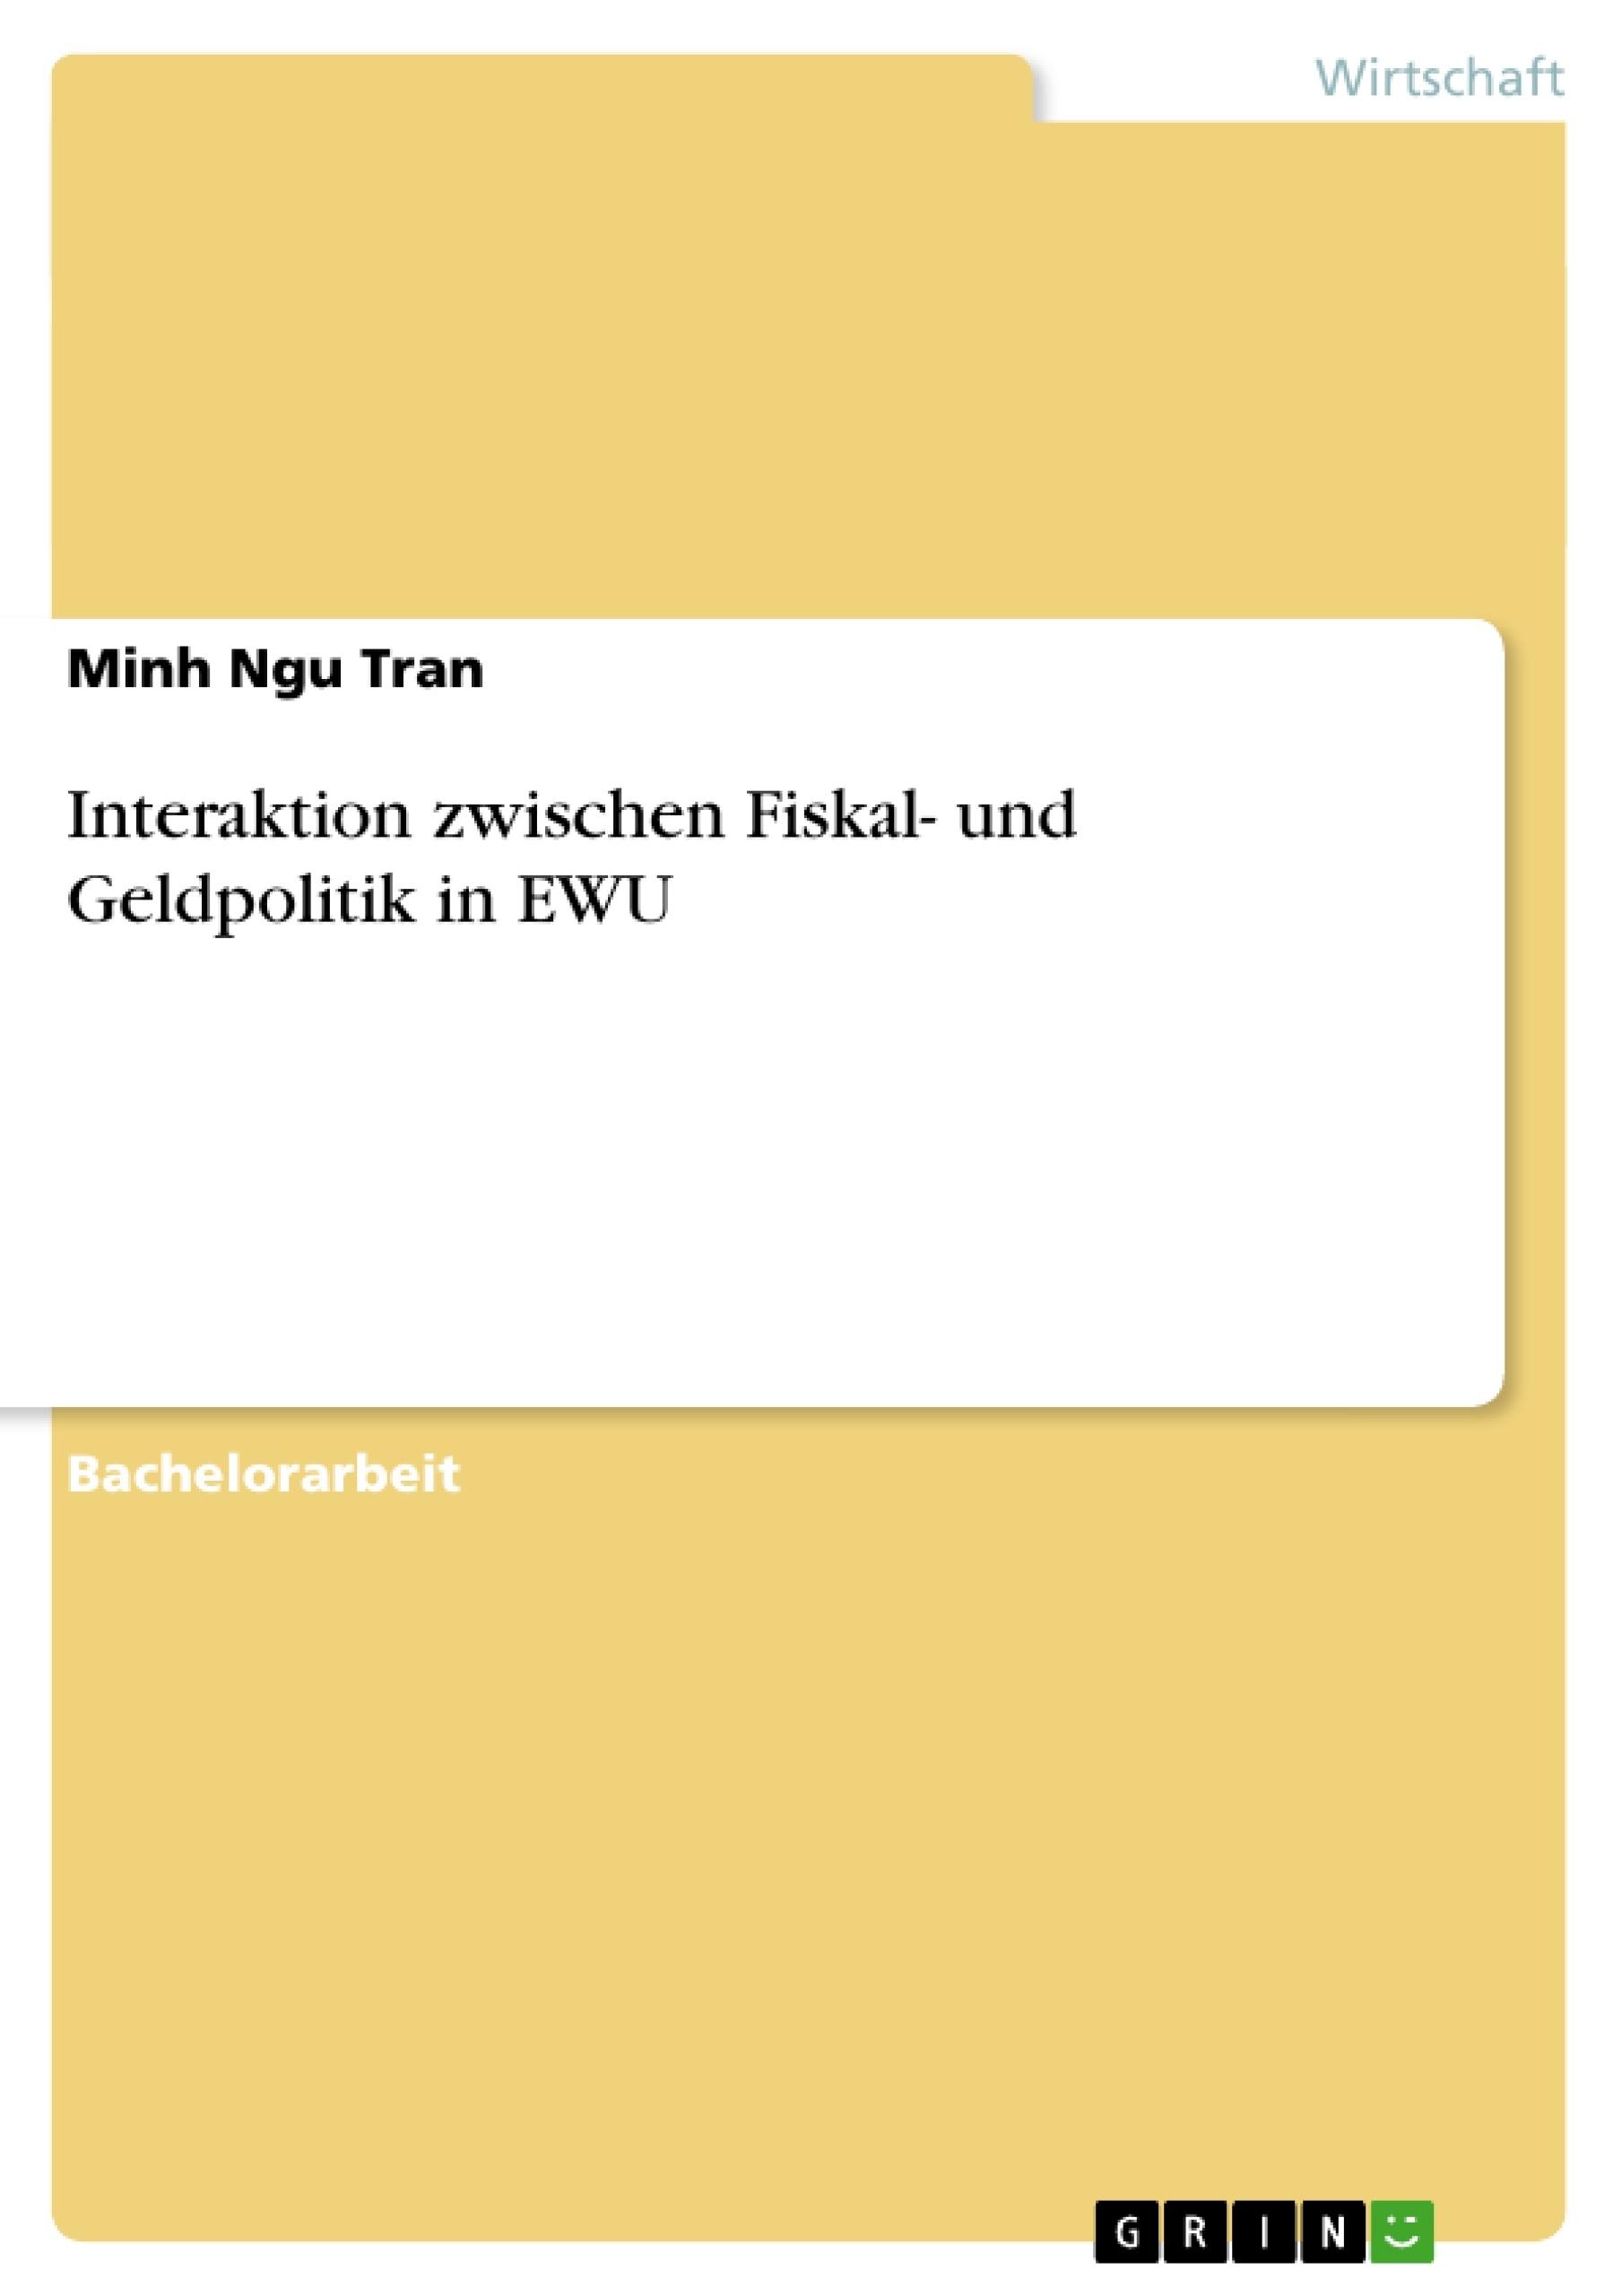 Titel: Interaktion zwischen Fiskal- und Geldpolitik in EWU